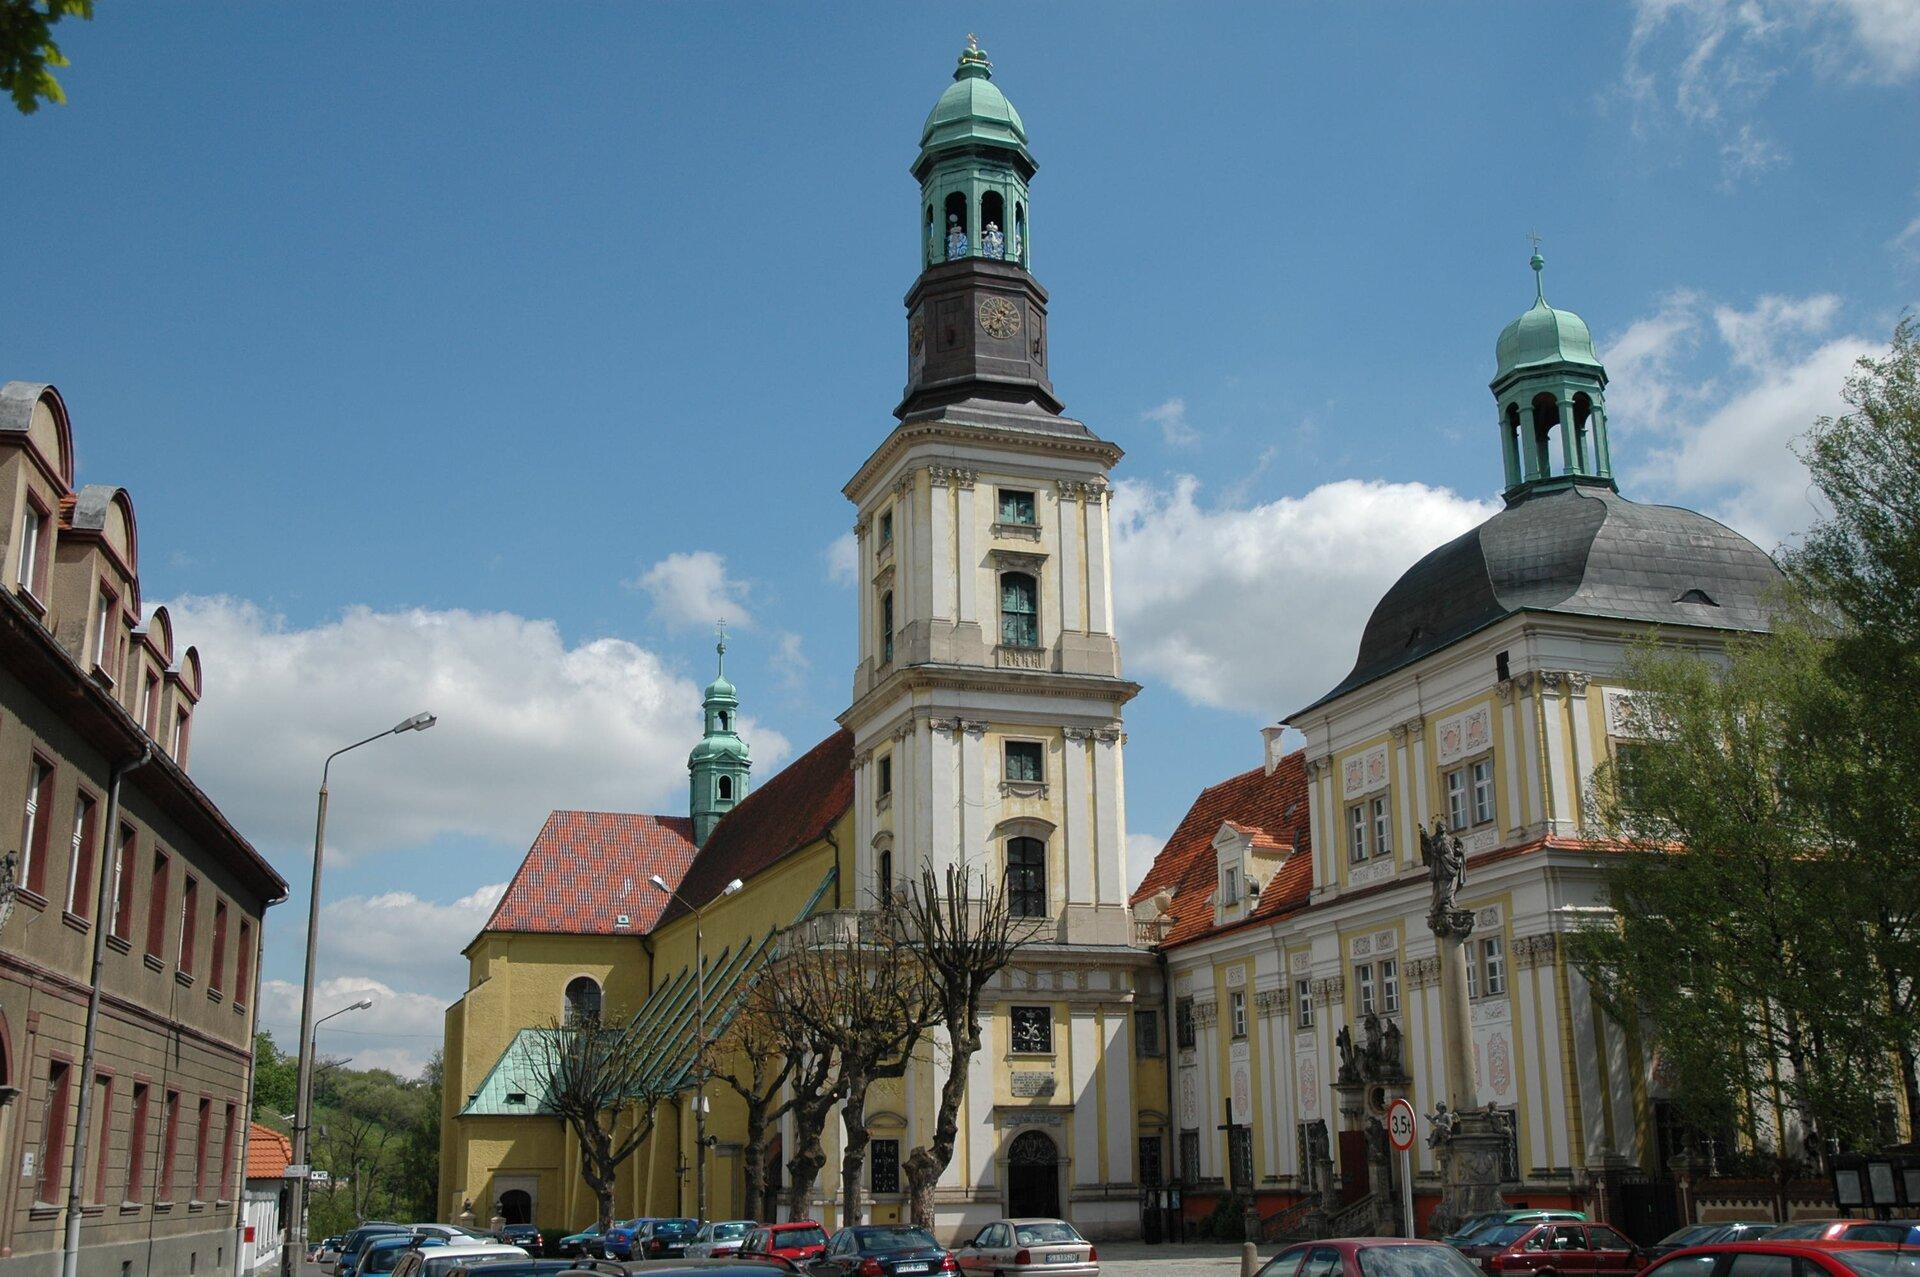 Na zdjęciu Sanktuarium św. Jadwigi iśw. Bartłomieja wTrzebnicy. Zespół klasztorny wraz zbazyliką. Przed bazyliką Kolumna św. Jana Nepomucena. Fasada budynków wkolorze żółtym ibiałym. Dachy czerwone, wieże zielone.